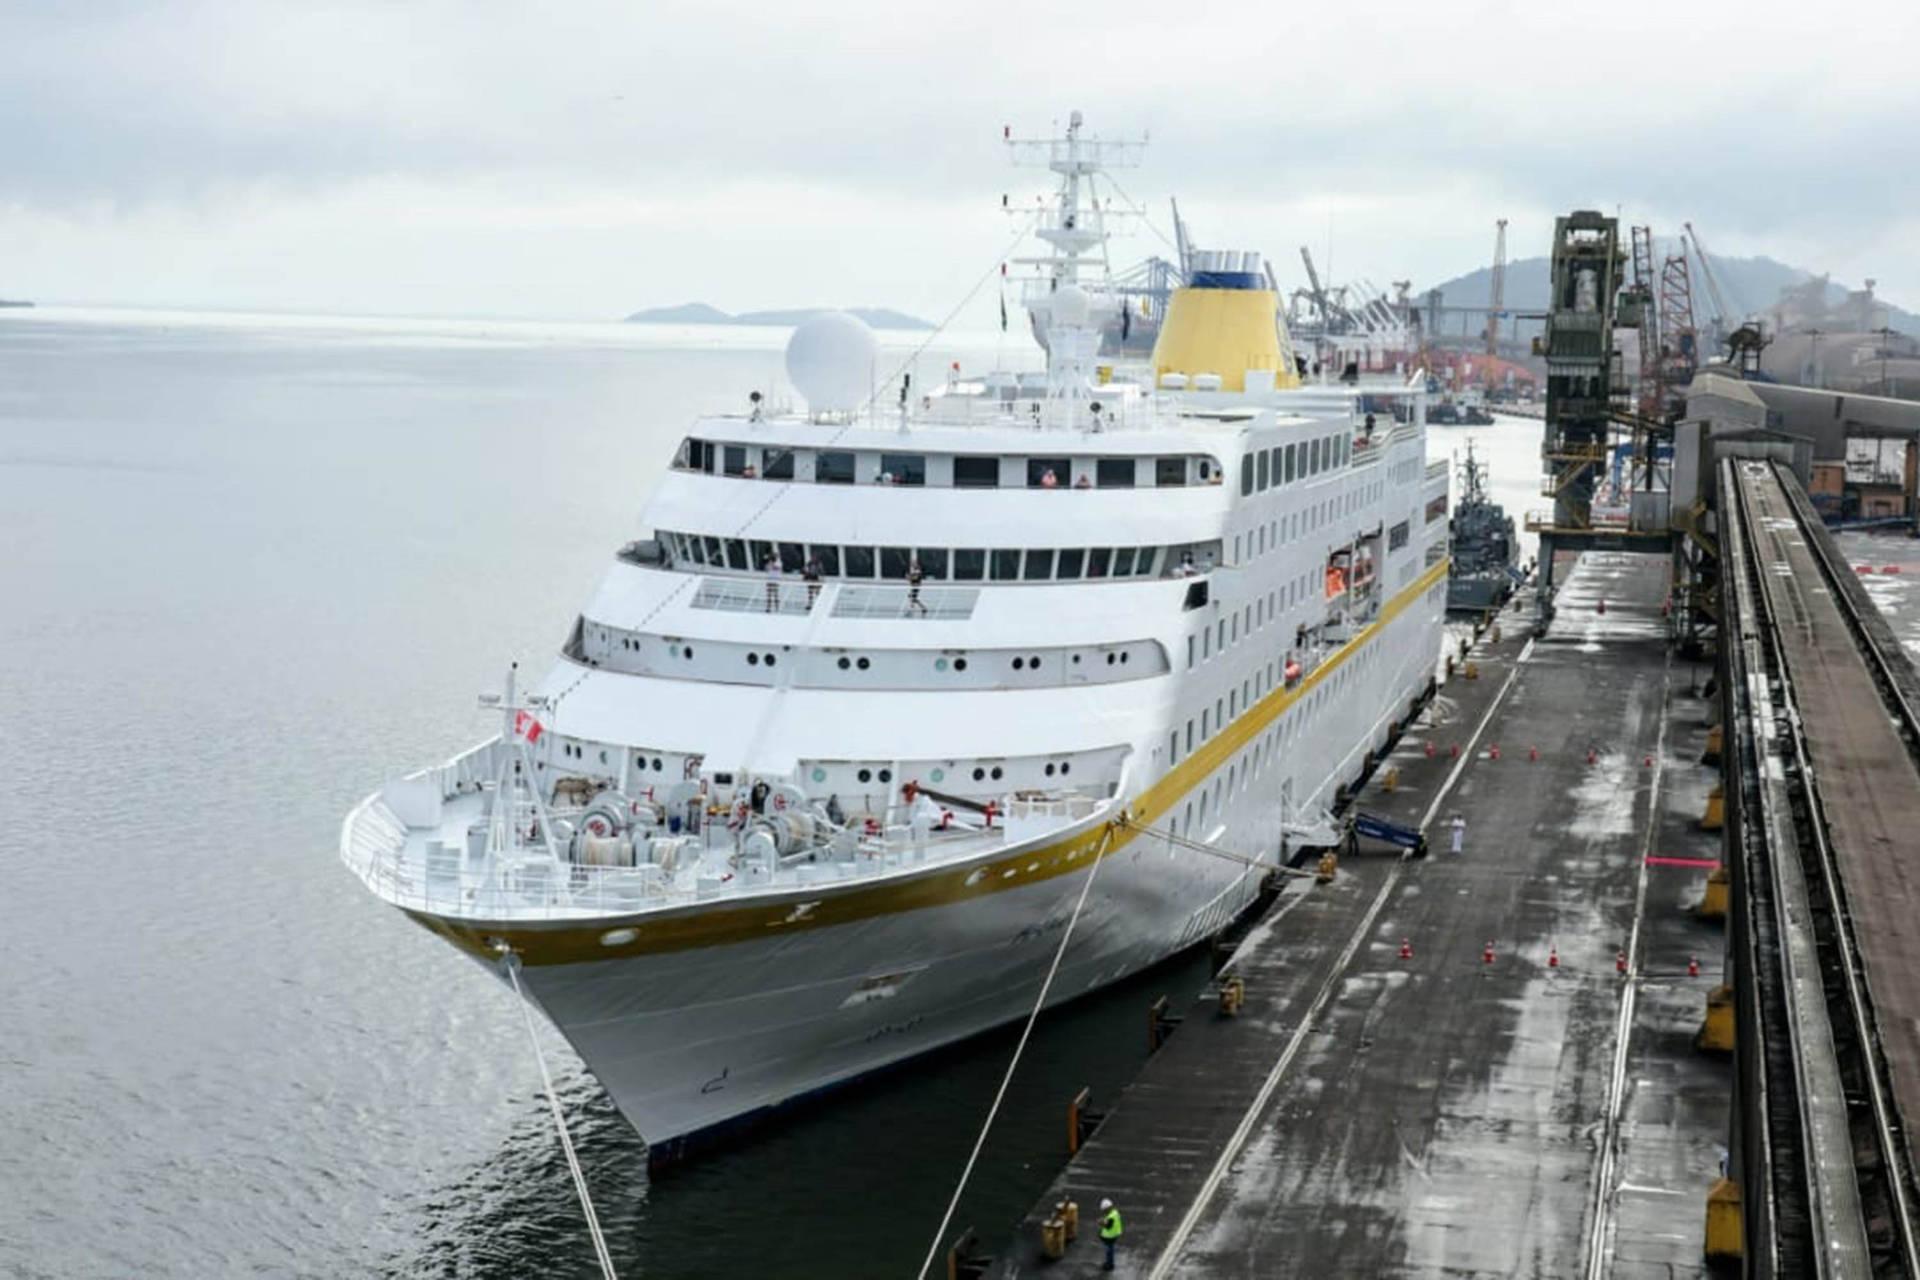 Como parte do esforço do Estado para fomentar o turismo, primeira embarcação de cruzeiro a atracar no Paraná nos últimos três anos tem 411 passageiros e tripulantes e chegou ao porto as 7h15.